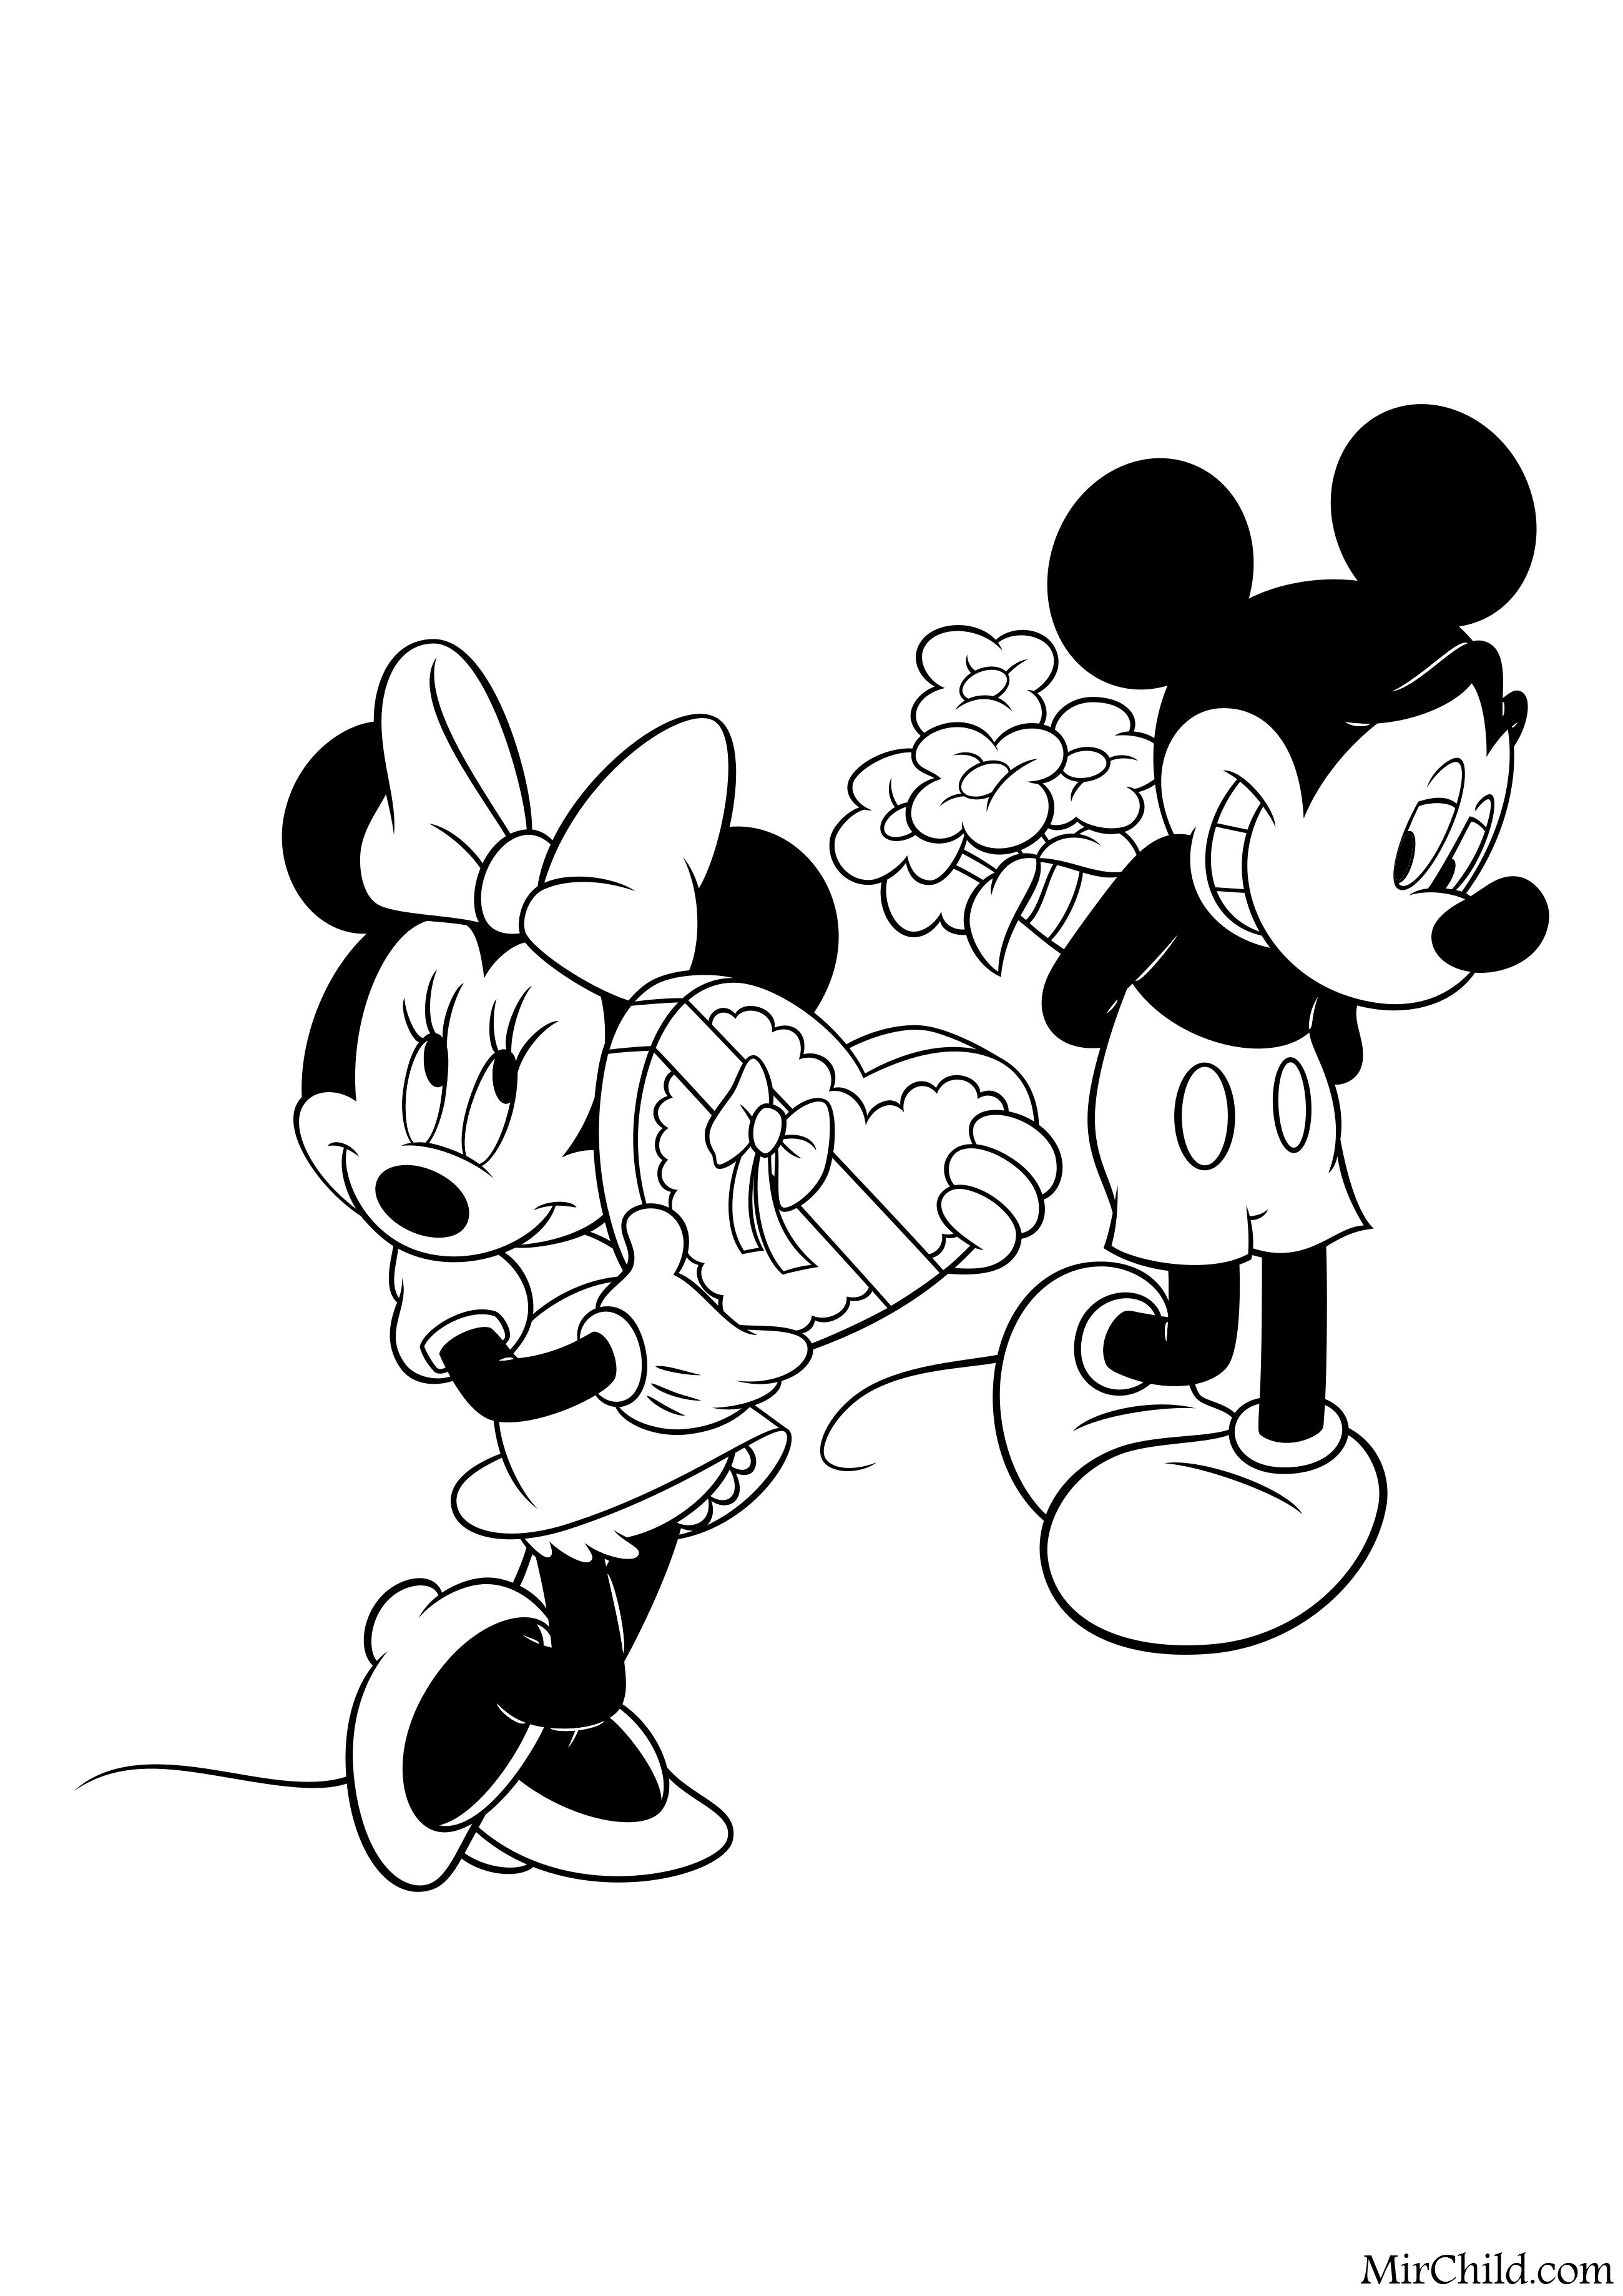 Раскраска - Микки Маус и друзья - День святого Валентина ...